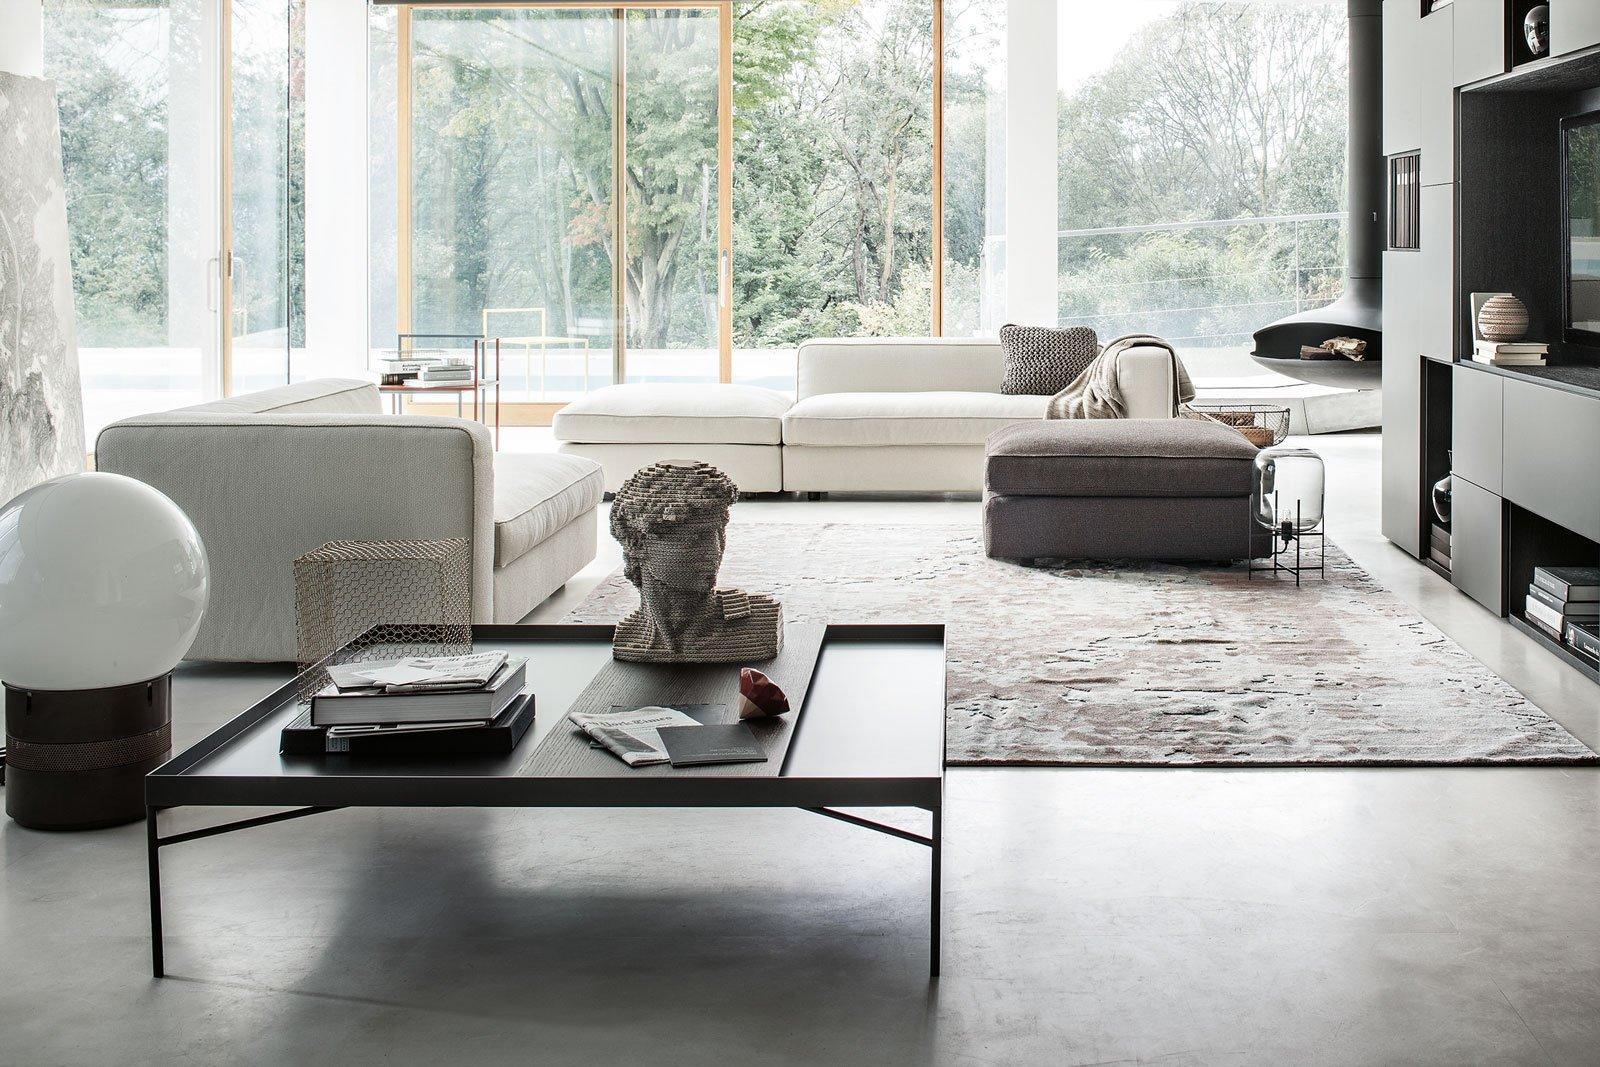 Divani design comfort secondo lema cose di casa for Bussolino arredo